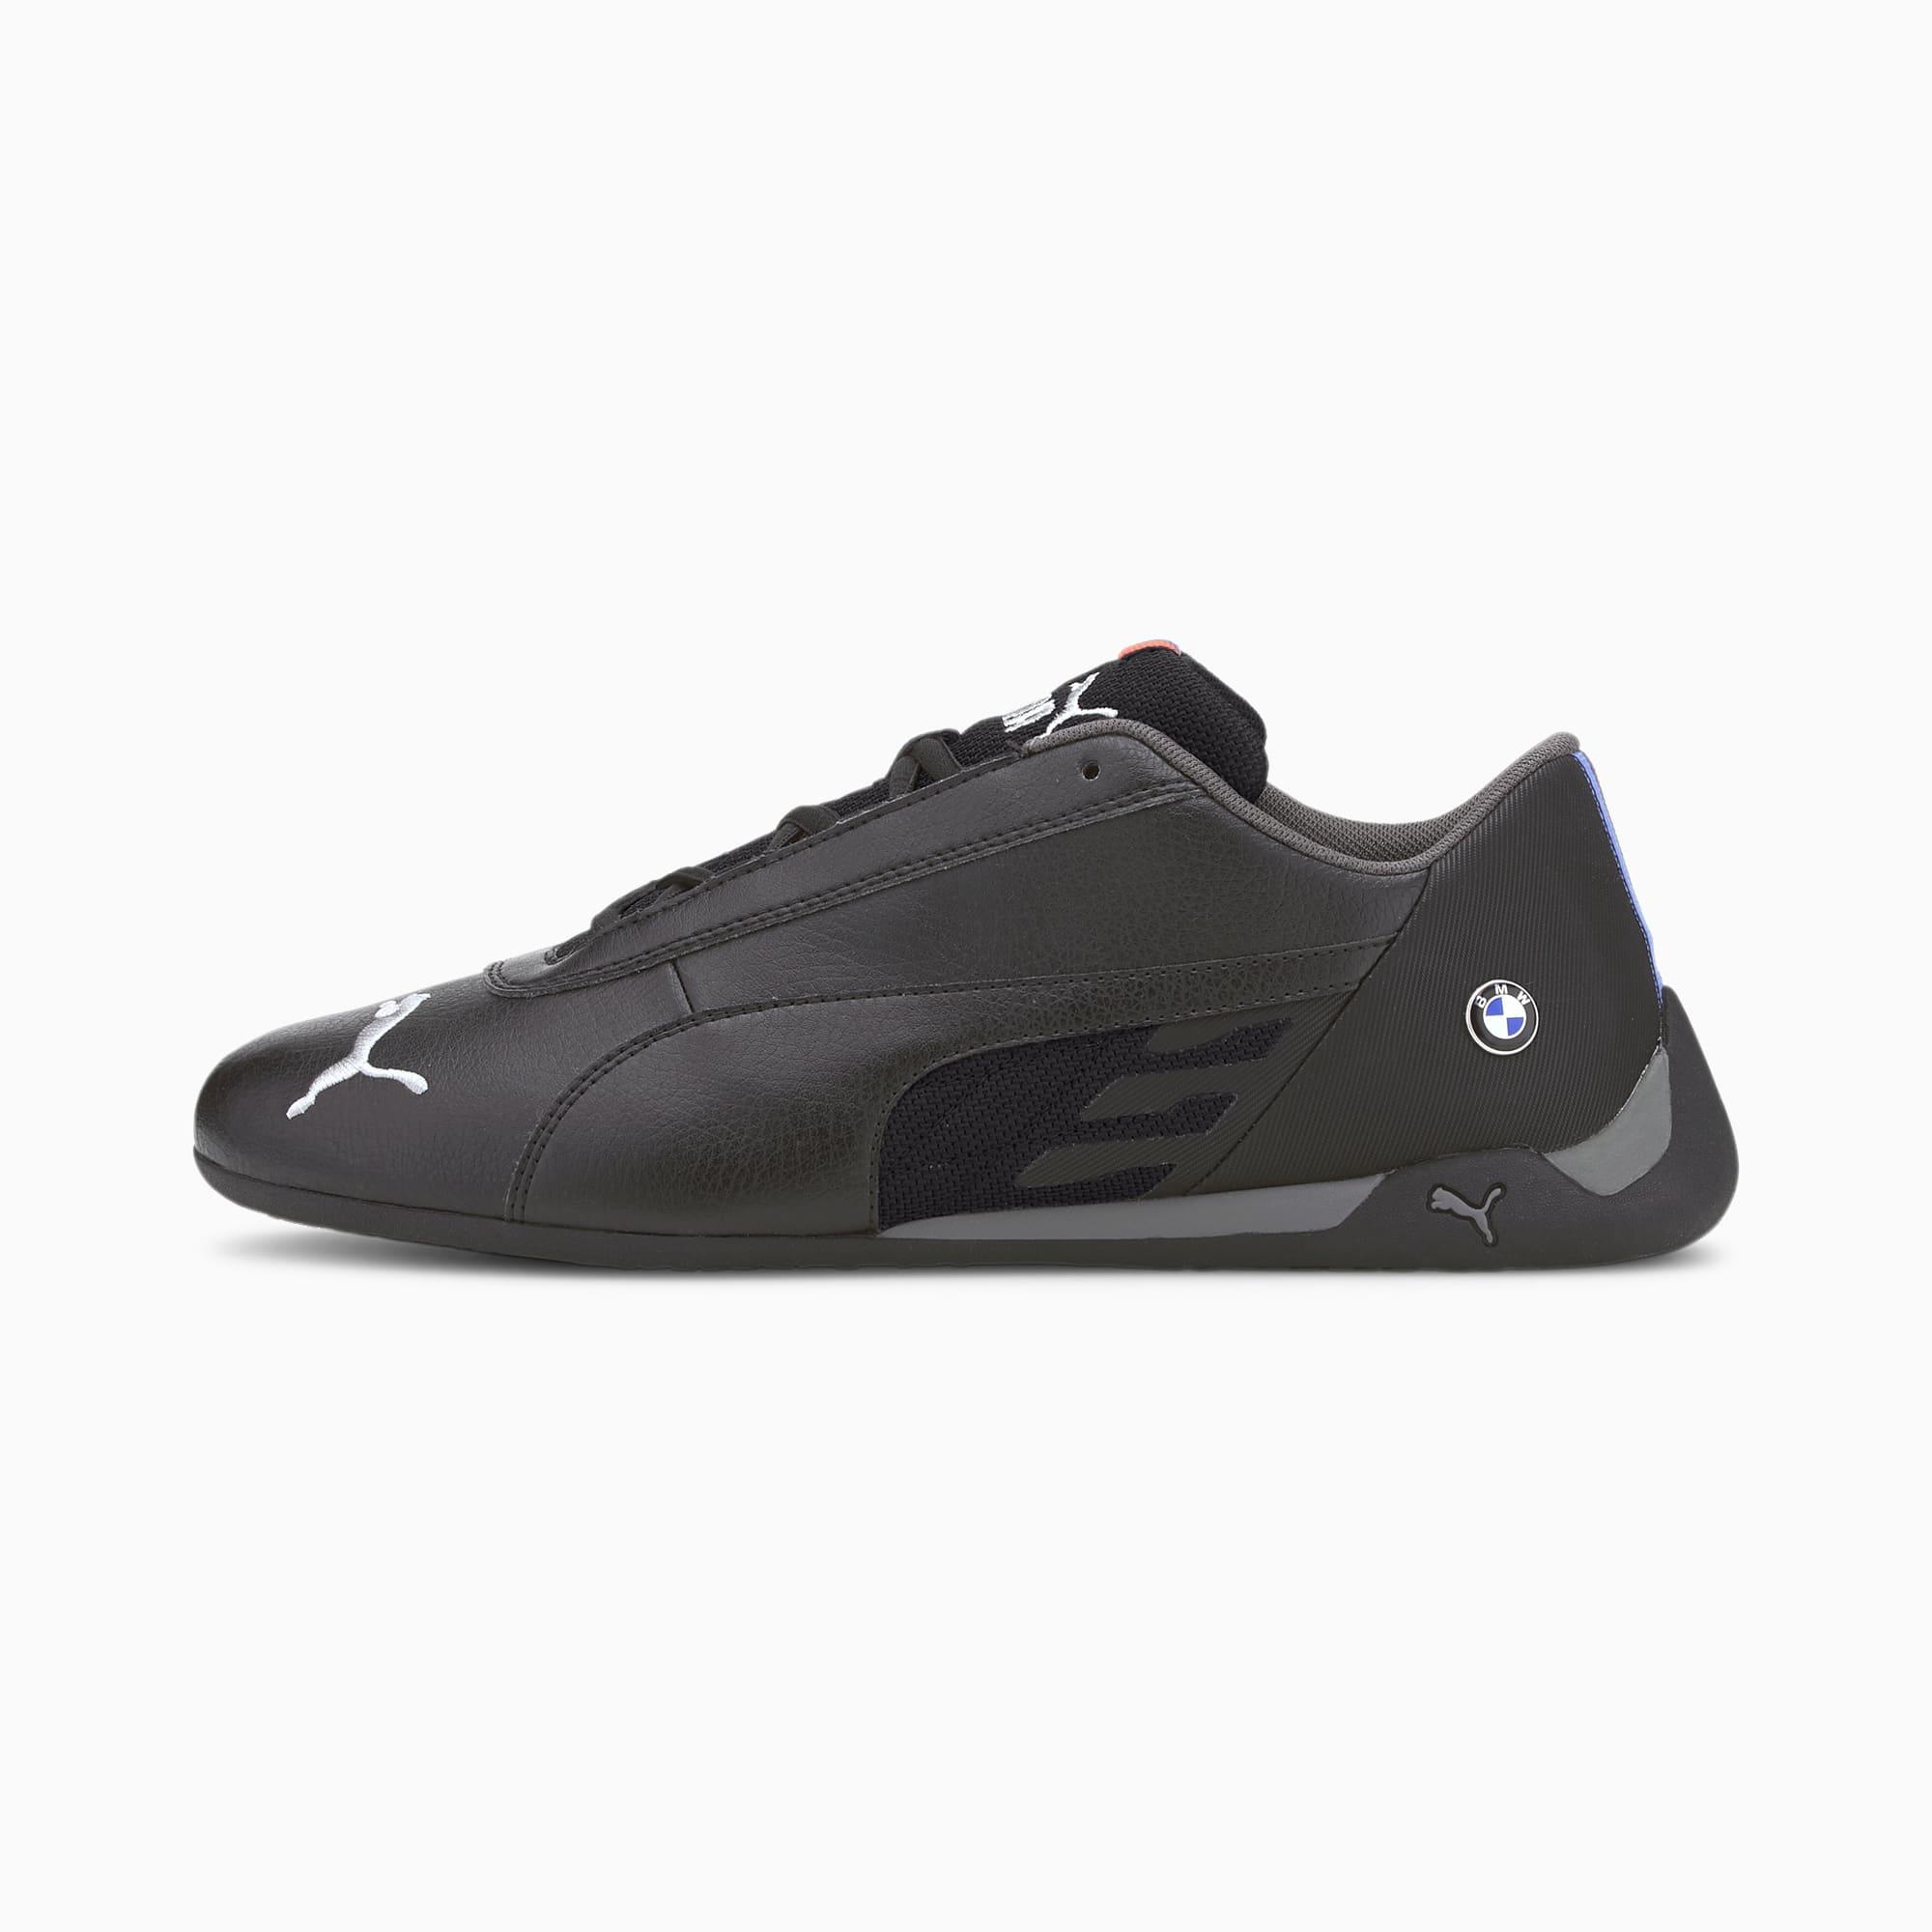 PUMA Chaussure de course BMW M Motorsport R-Cat, Noir, Taille 45, Vêtements